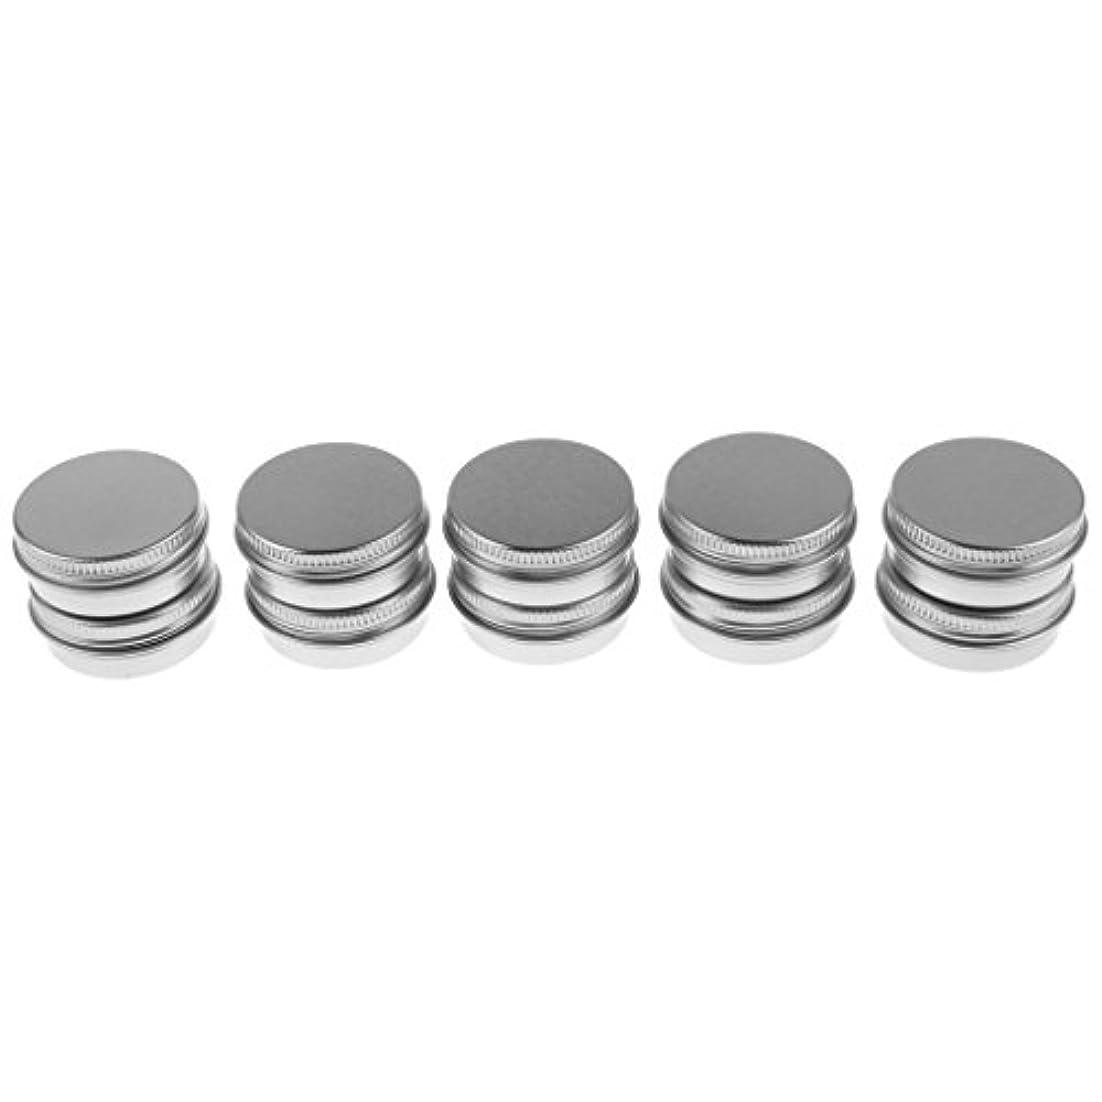 薄めるフレキシブル囲い10個入り 化粧品用 空 瓶 クリーム 缶 容器 缶ケース 蓋付き 15g 生活 便利 グッズ